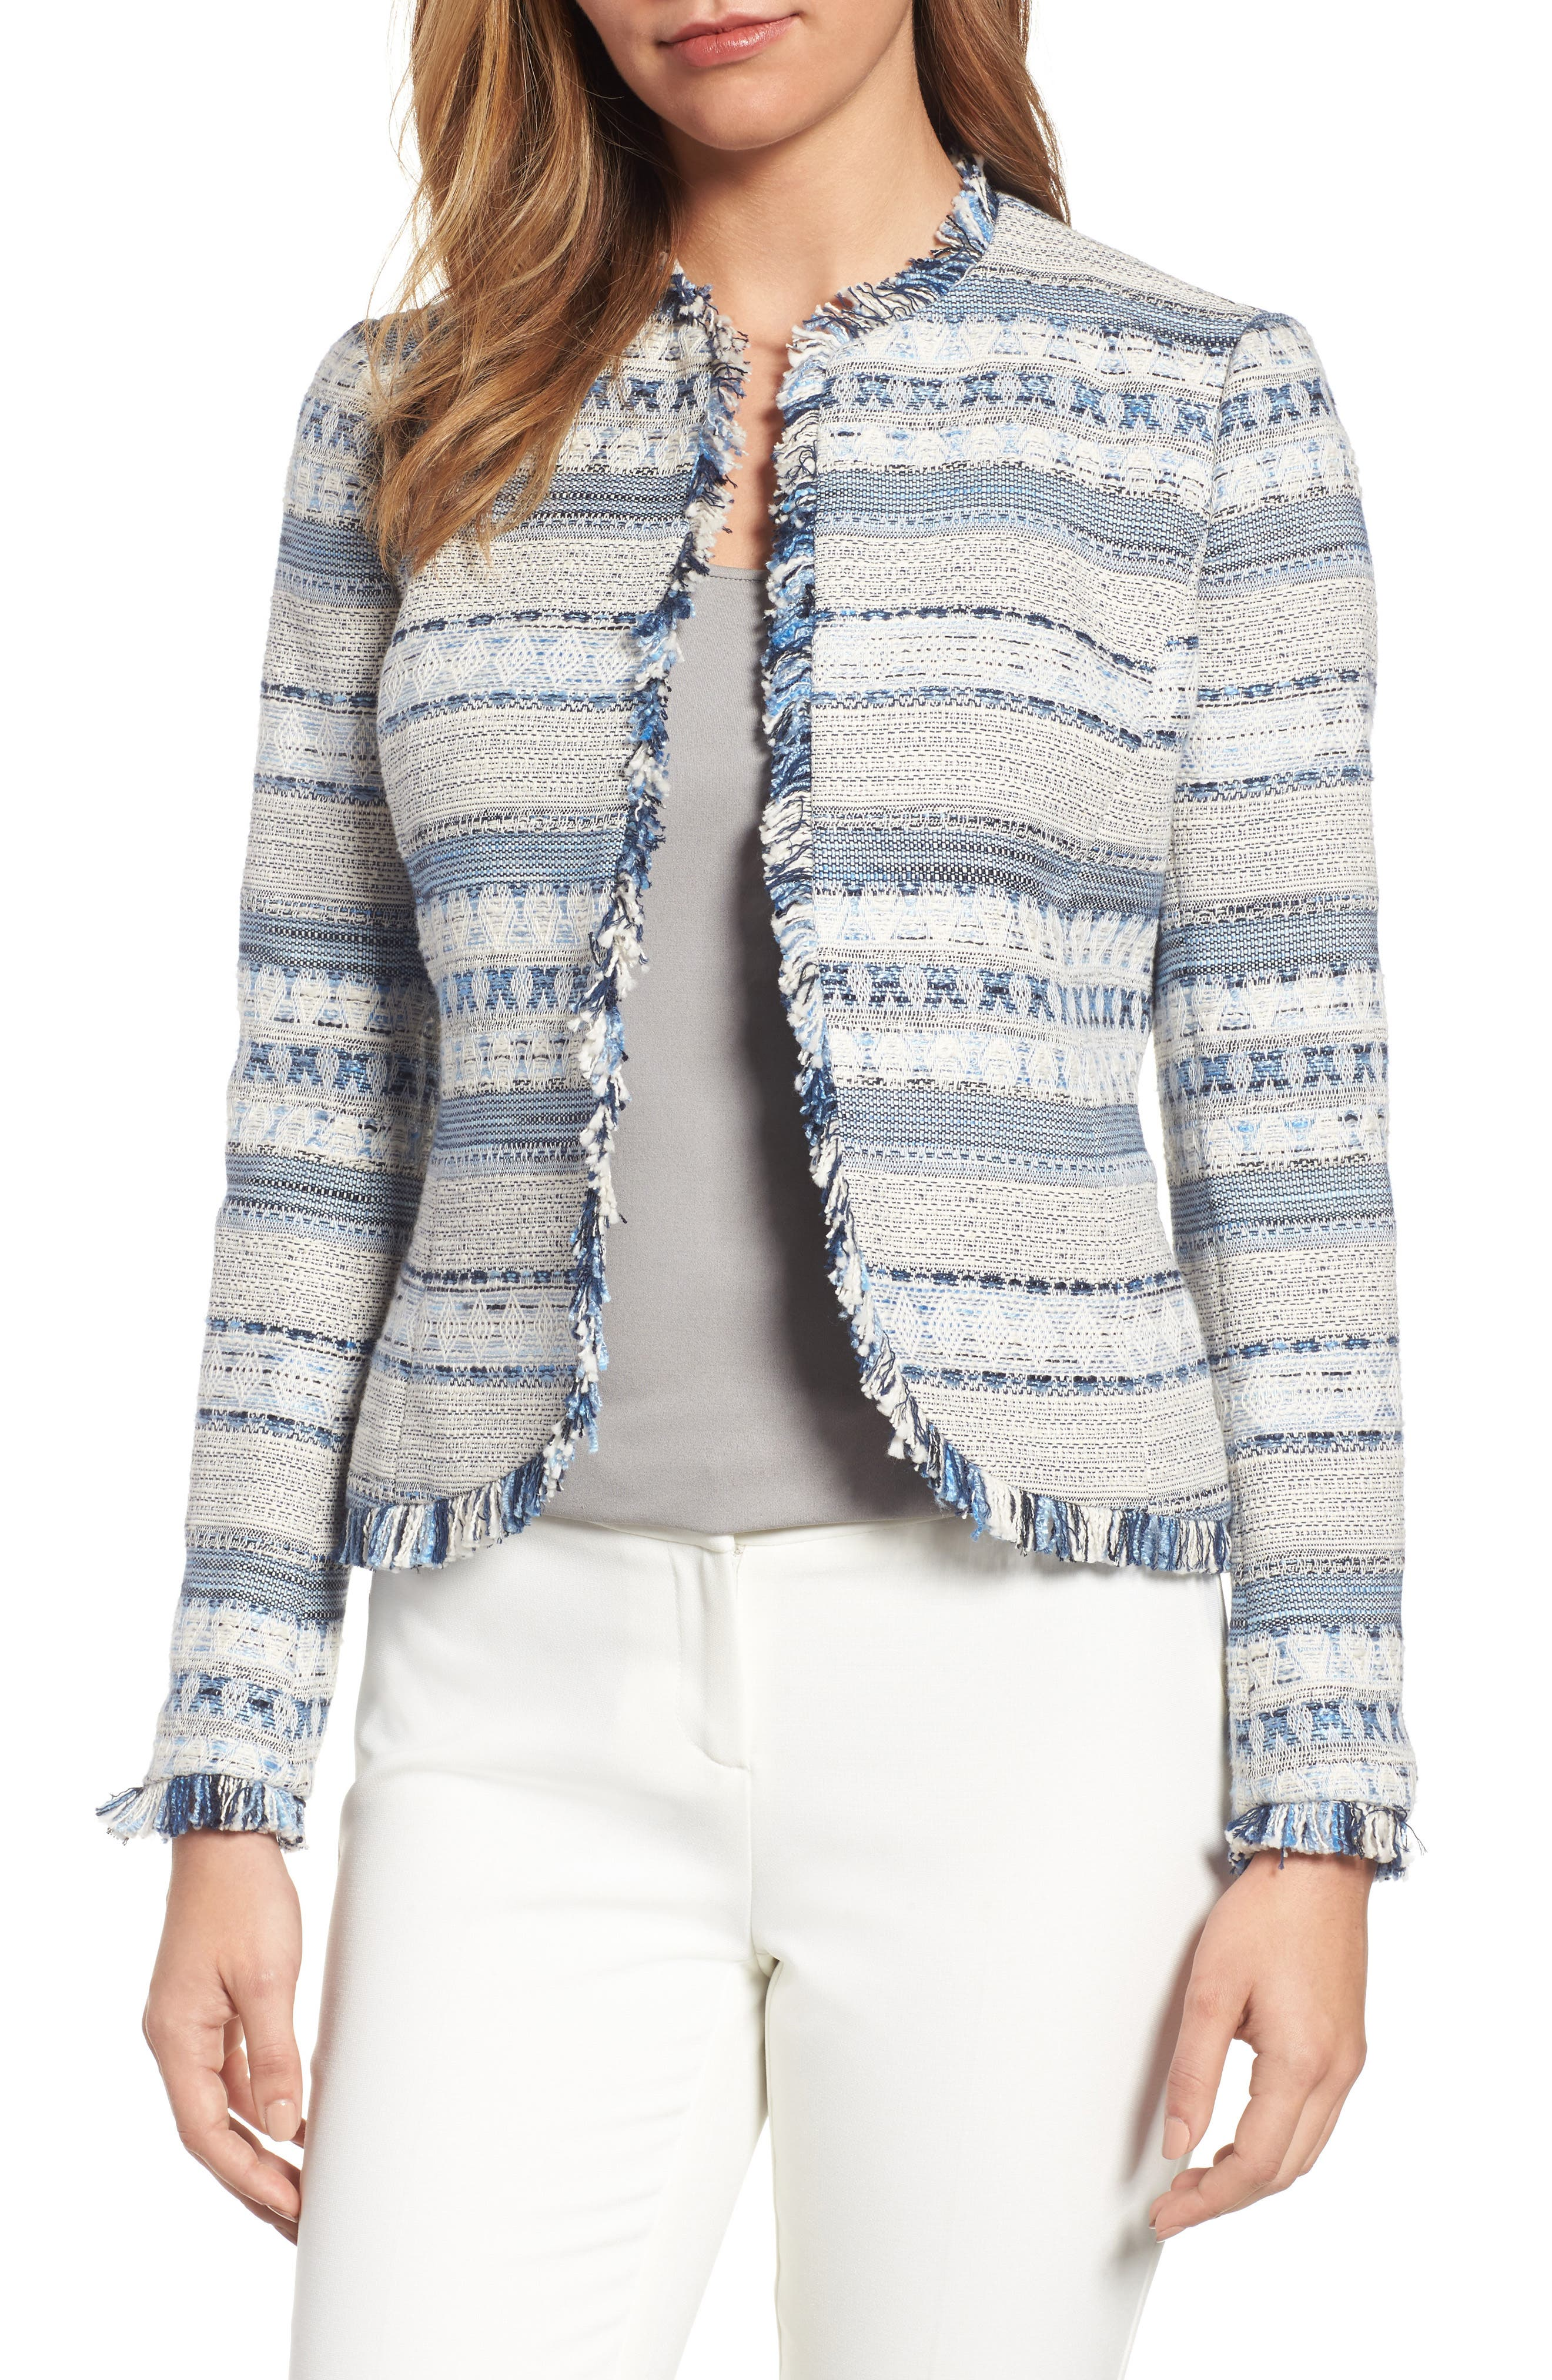 Alternate Image 1 Selected - Anne Klein Tweed Jacket